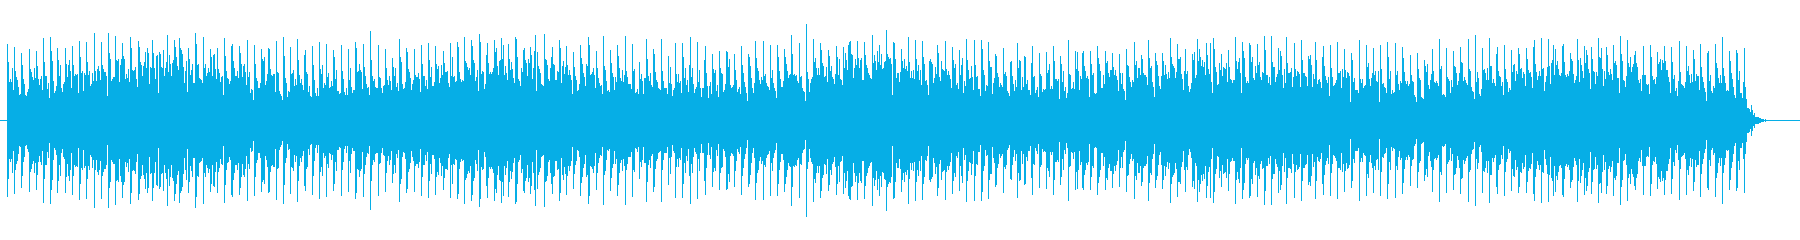 事件に巻き込まれそうなサスペンス音楽の再生済みの波形